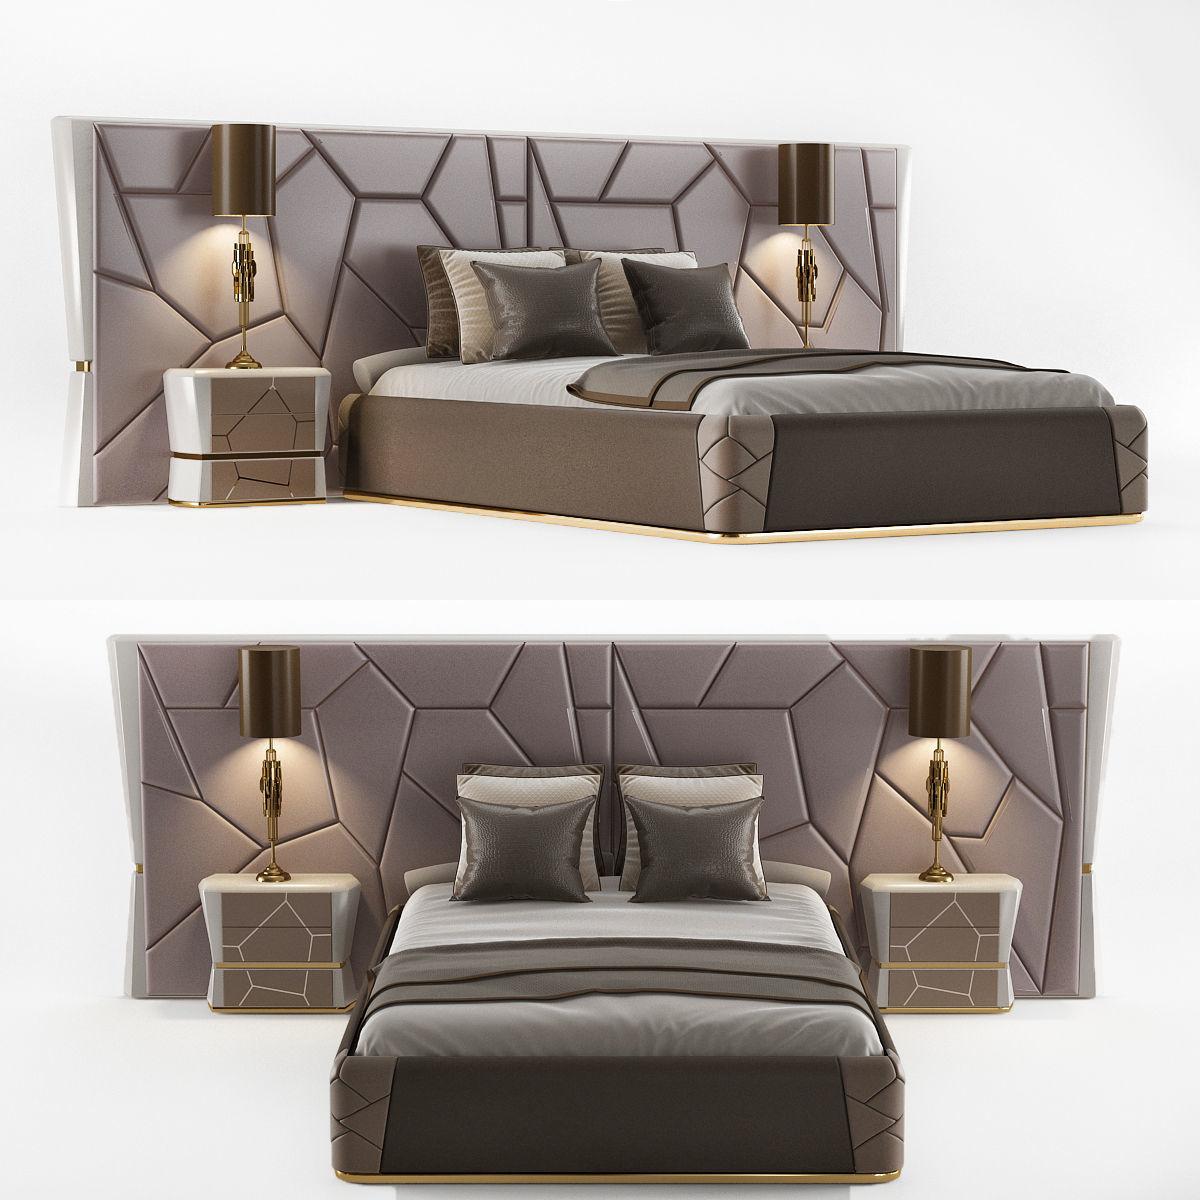 Smania bedroom 3